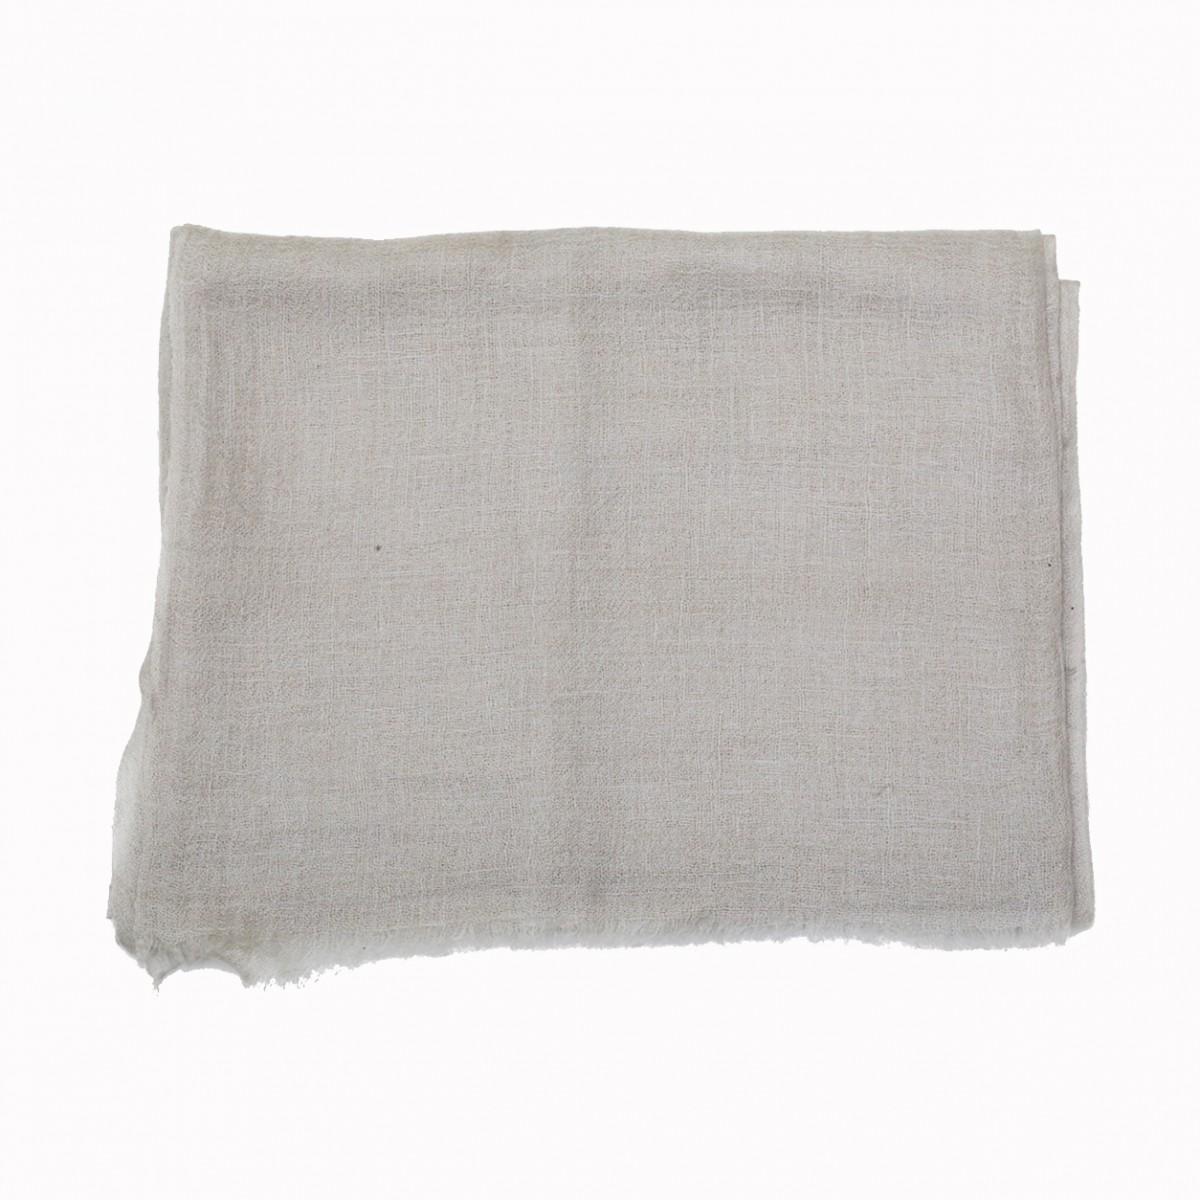 Sheer Pashmina Scarf - Fog Grey